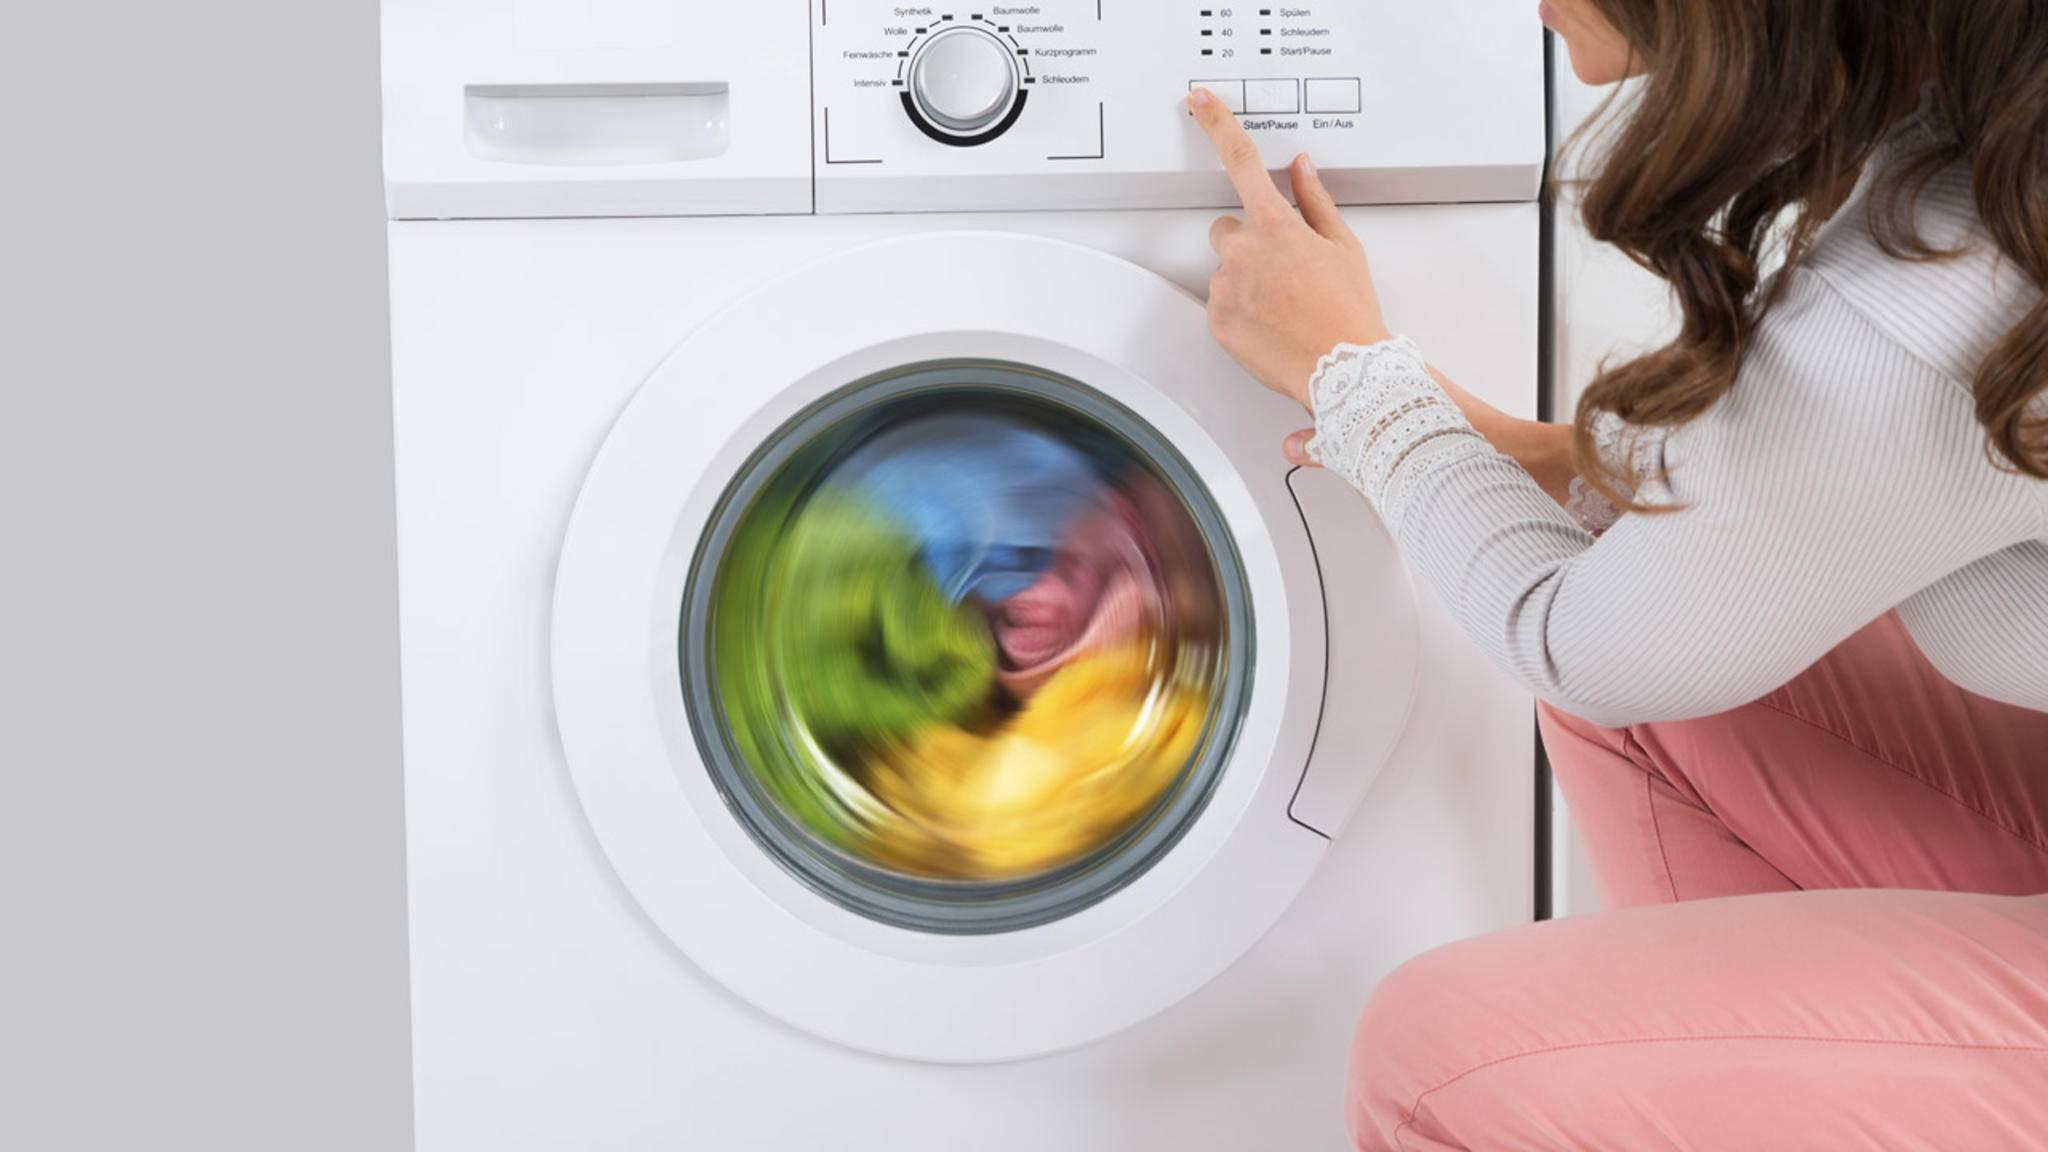 Wer seine Waschmaschine mit AquaStop ausrüstet, geht bei Schlauchdefekten auf Nummer sicher.